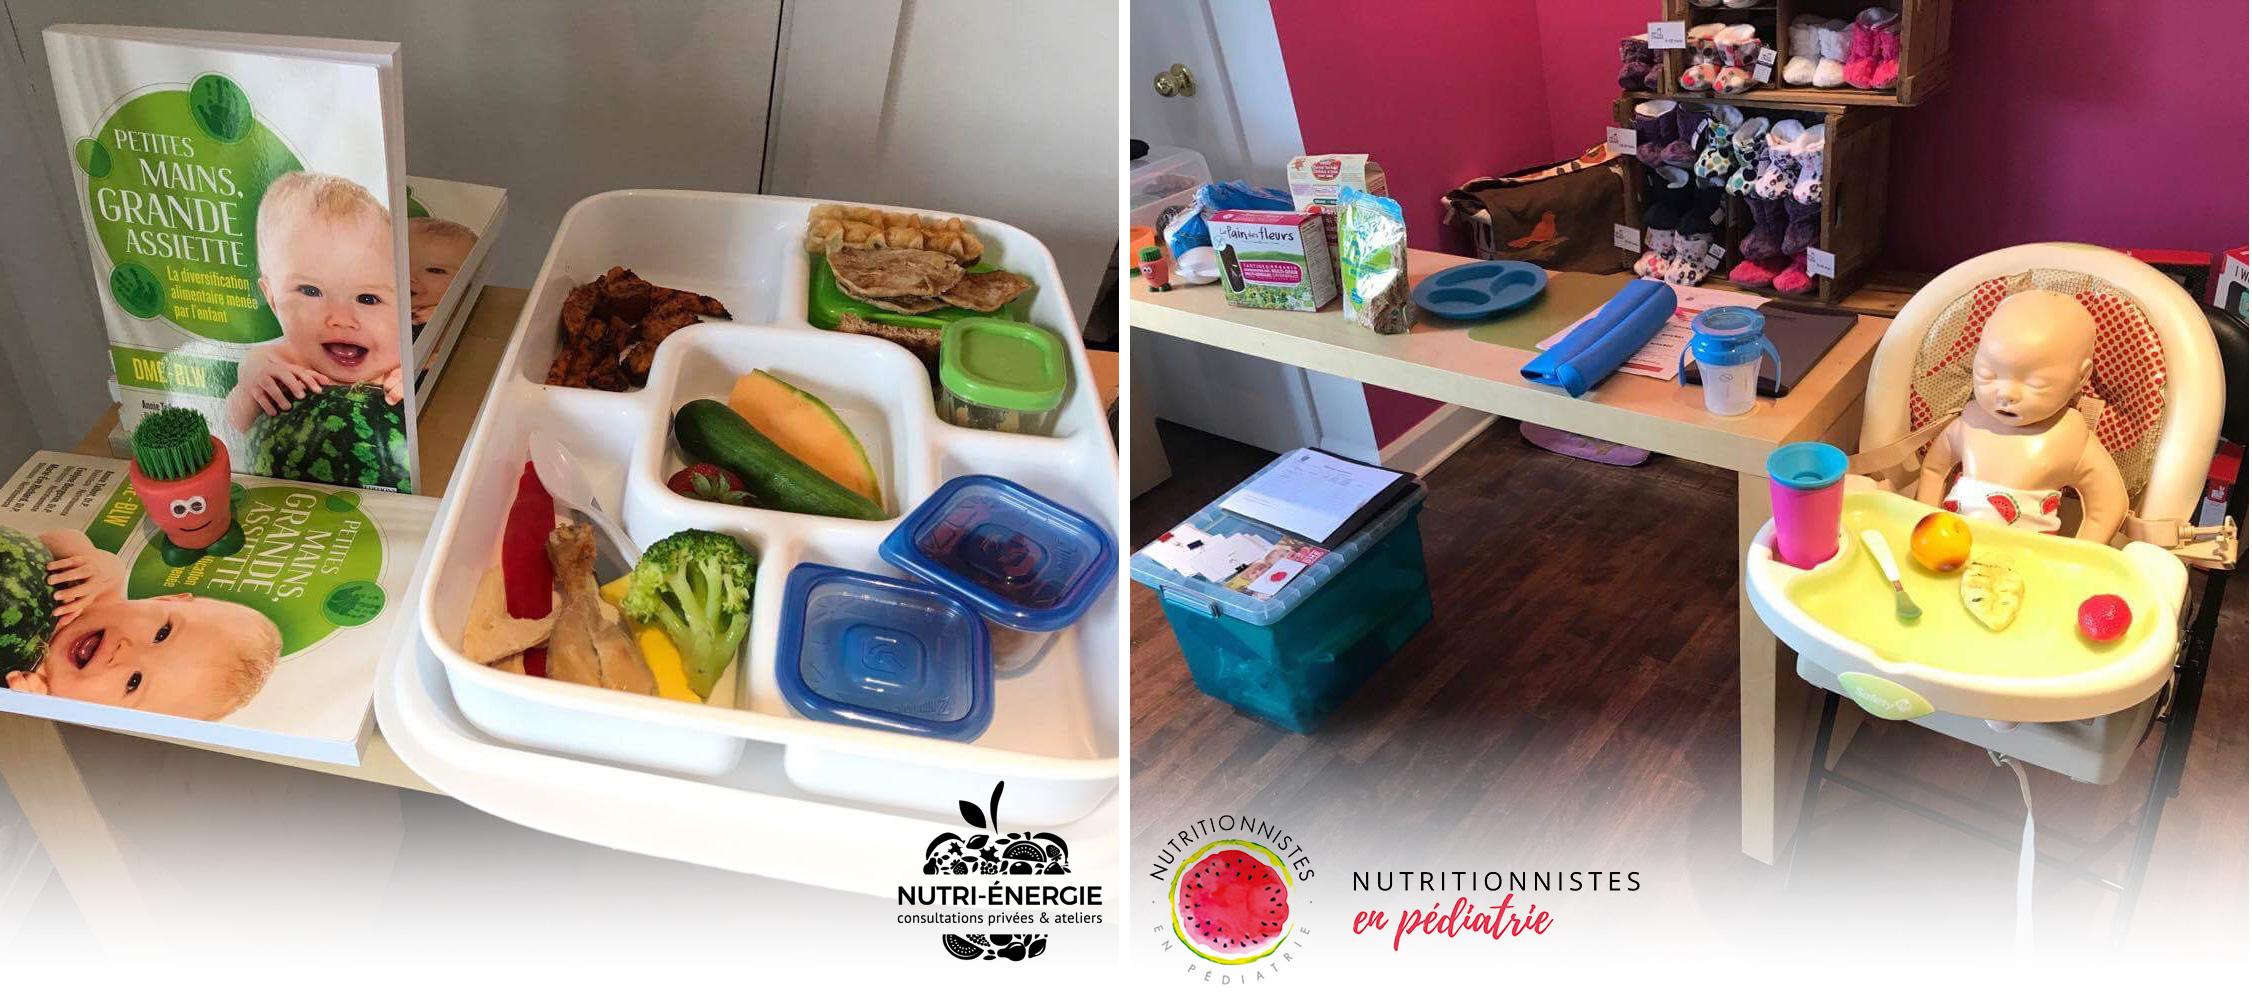 Atelier DME – Espace Zéro déchet – Blainville - Nutri-Énergie - DME :  diversification alimentaire menée par l'enfant